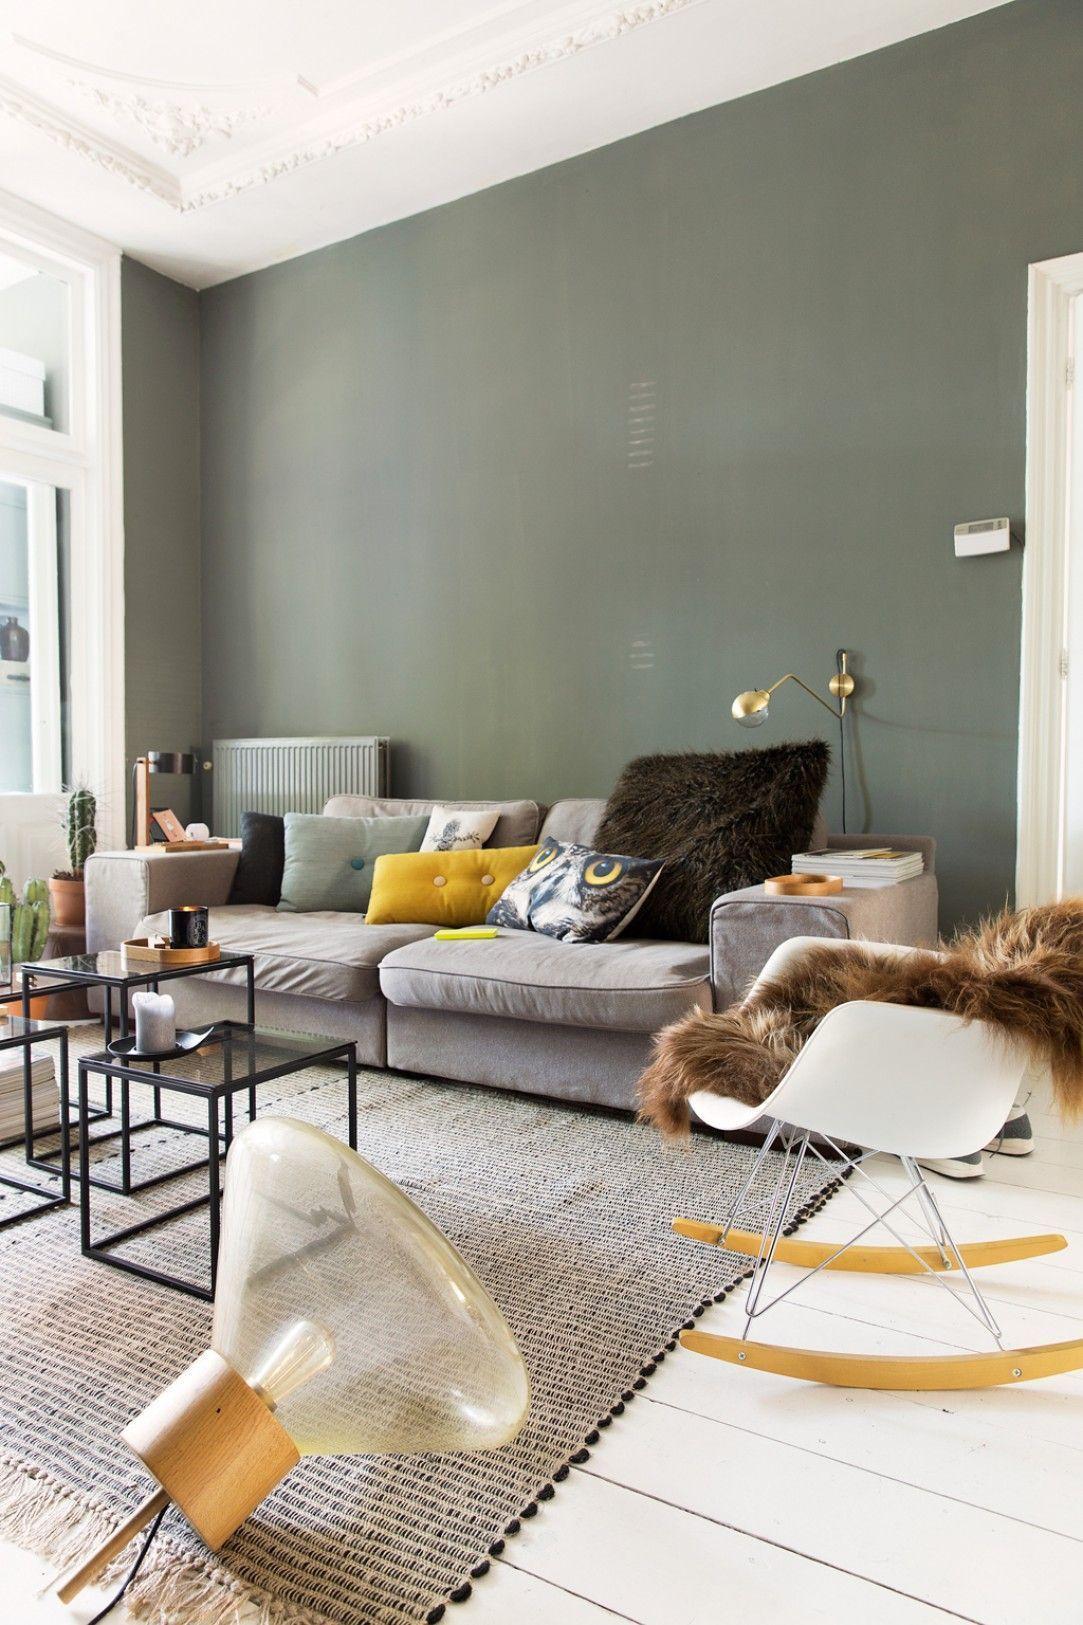 Olivgrüne Wand Wohnzimmer | Wohnzimmer design, Wandfarbe ...